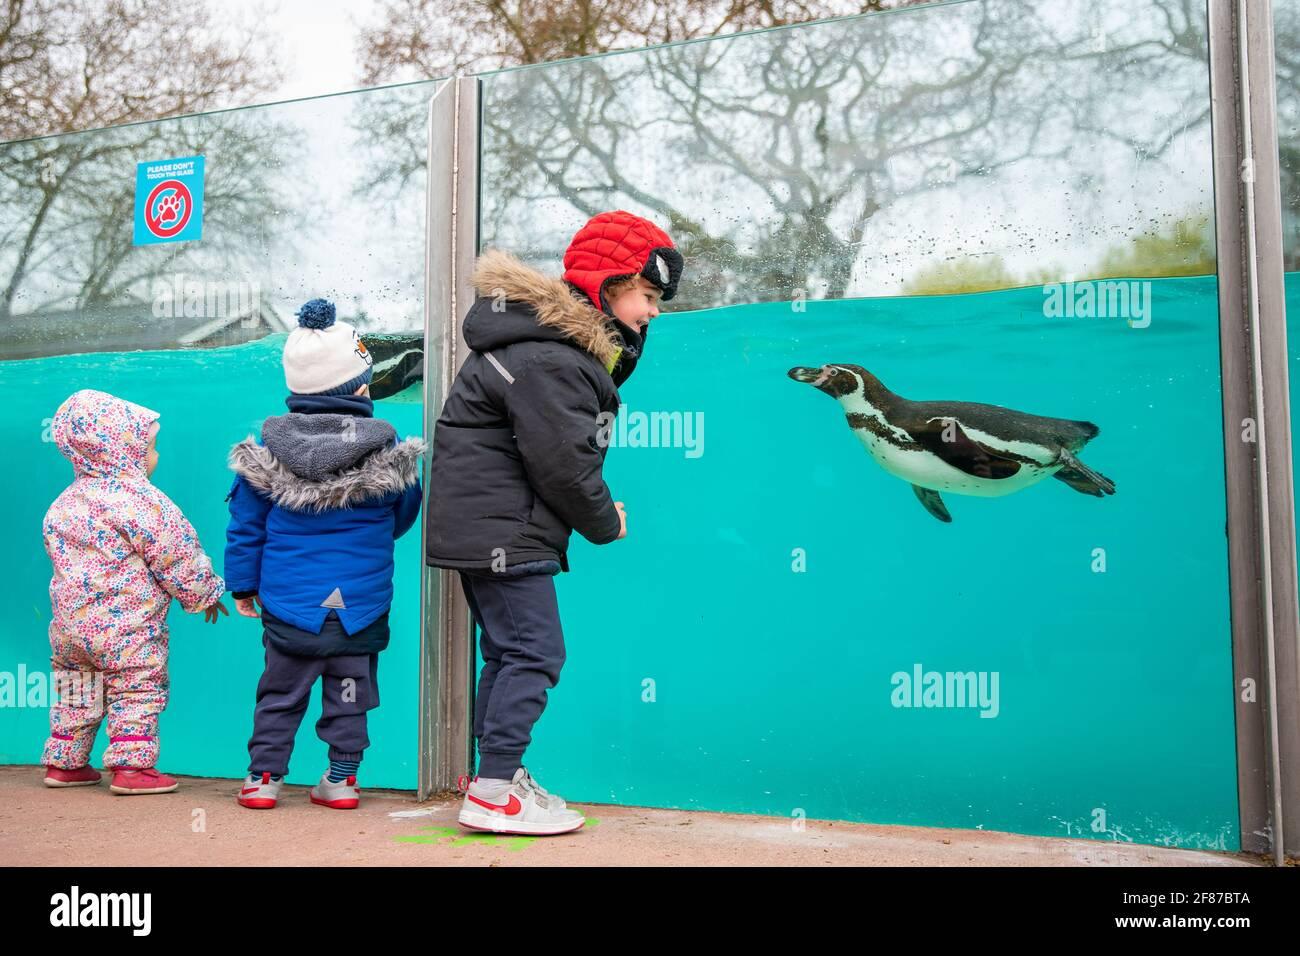 Kinder besuchen die Pinguine im Londoner Zoo im Regent's Park, London, während England mit der weiteren Lockerung der Sperrbeschränkungen einen weiteren Schritt zurück in Richtung Normalität unternimmt. Bilddatum: Montag, 12. April 2021. Stockfoto